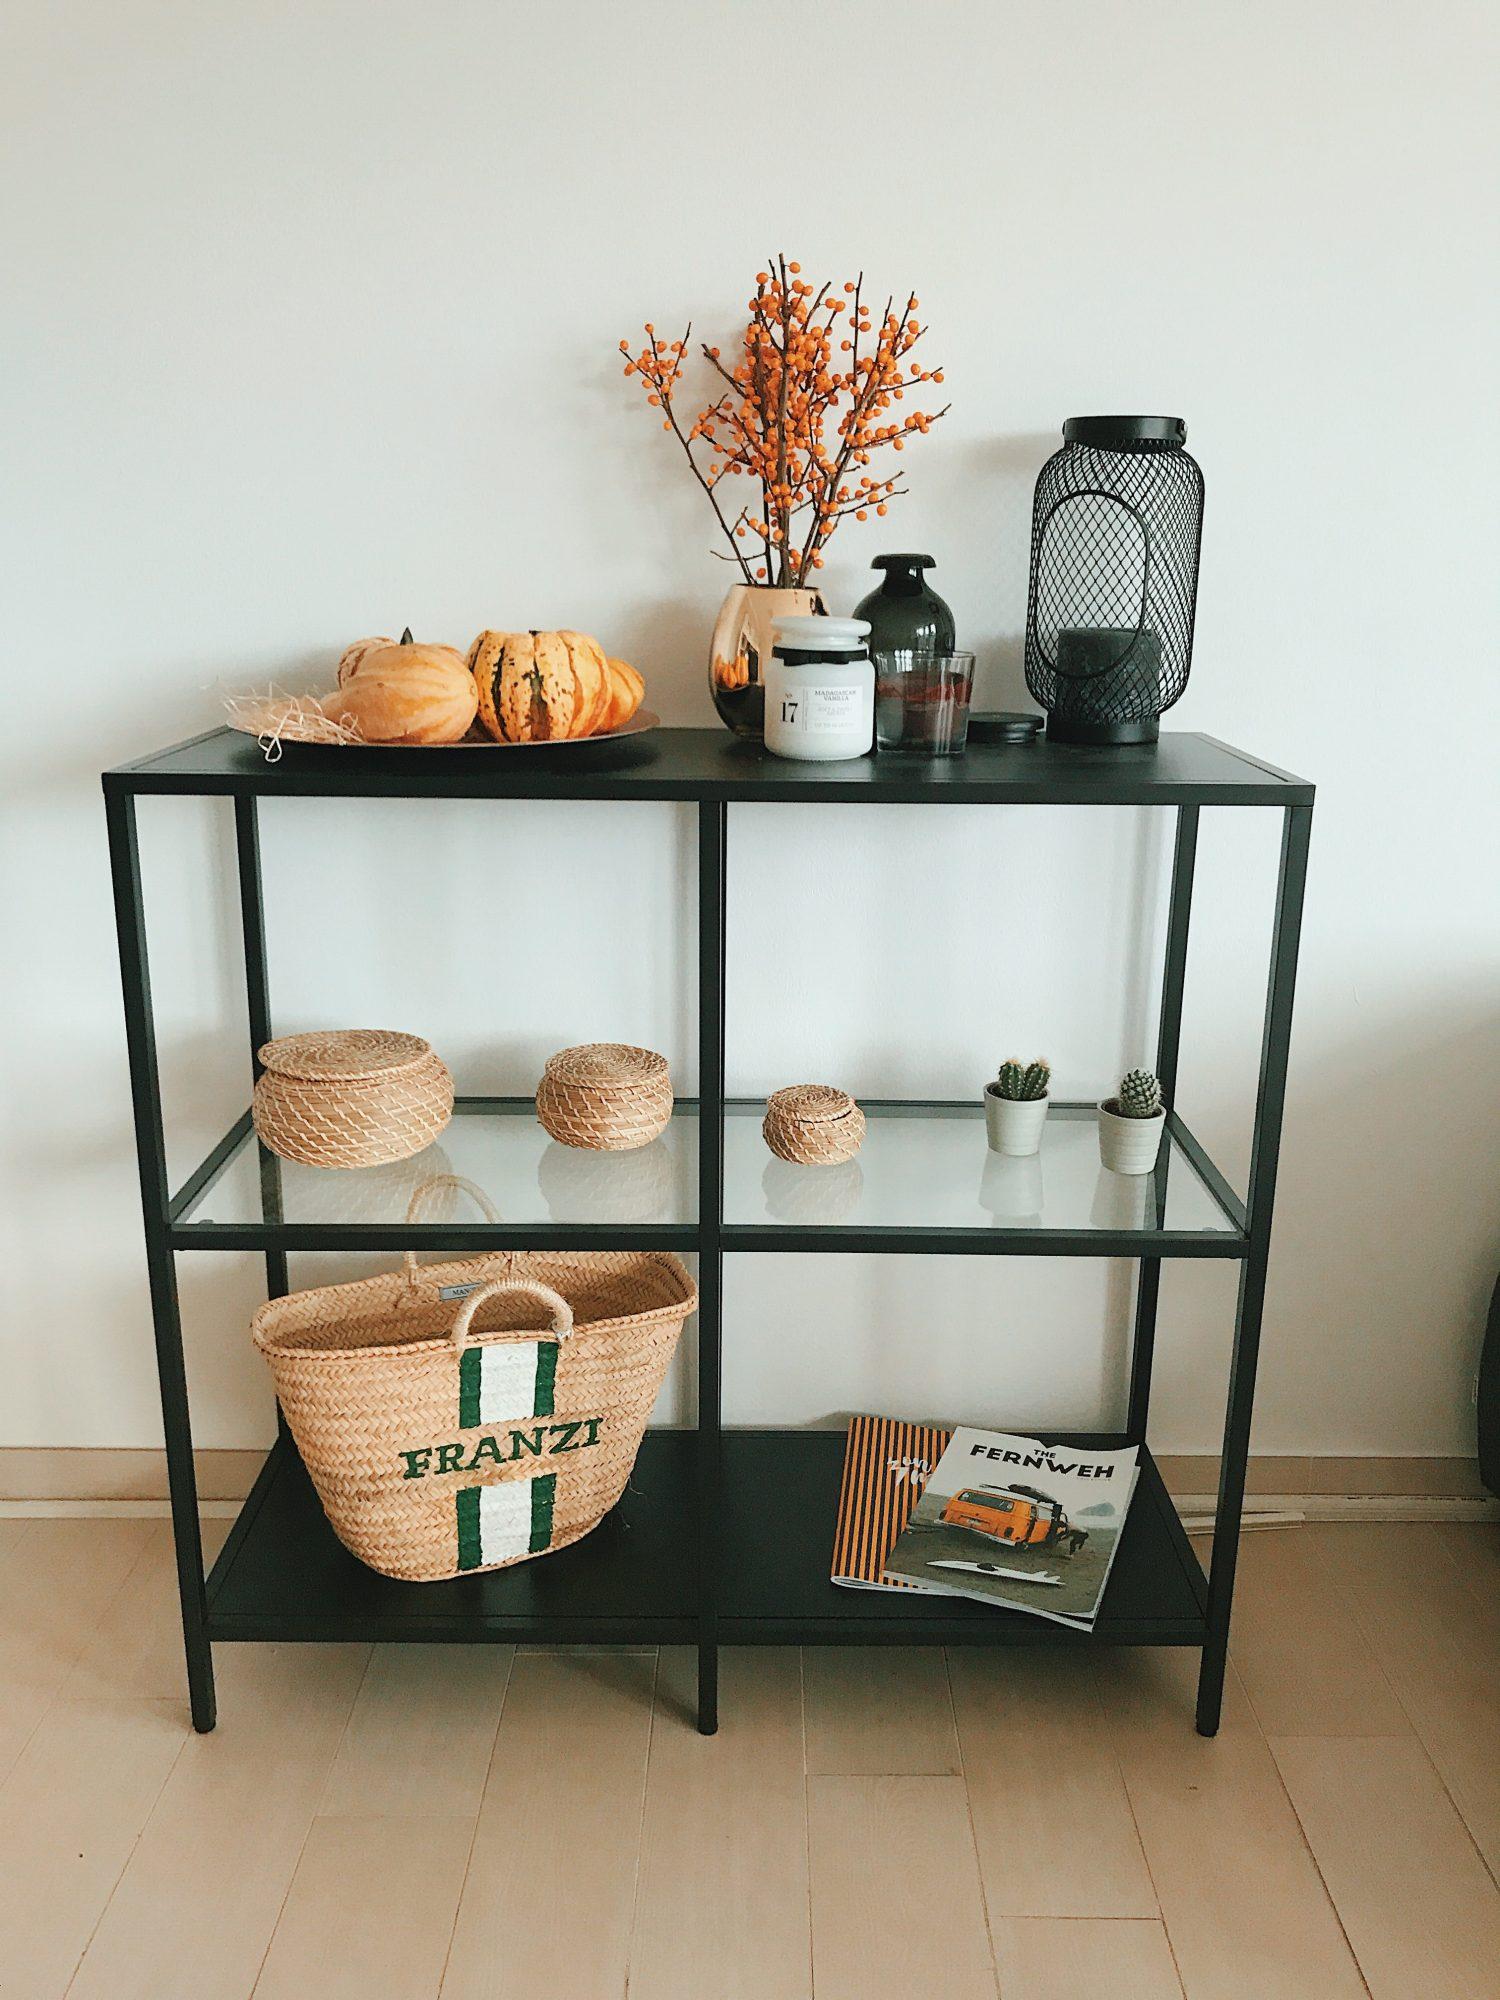 Interior Einrichtung Herbst Ikea Regal Stylisch Schwarz Modern  Lifestylebloggerin Ffranzy Fashioforffranzy Koeln